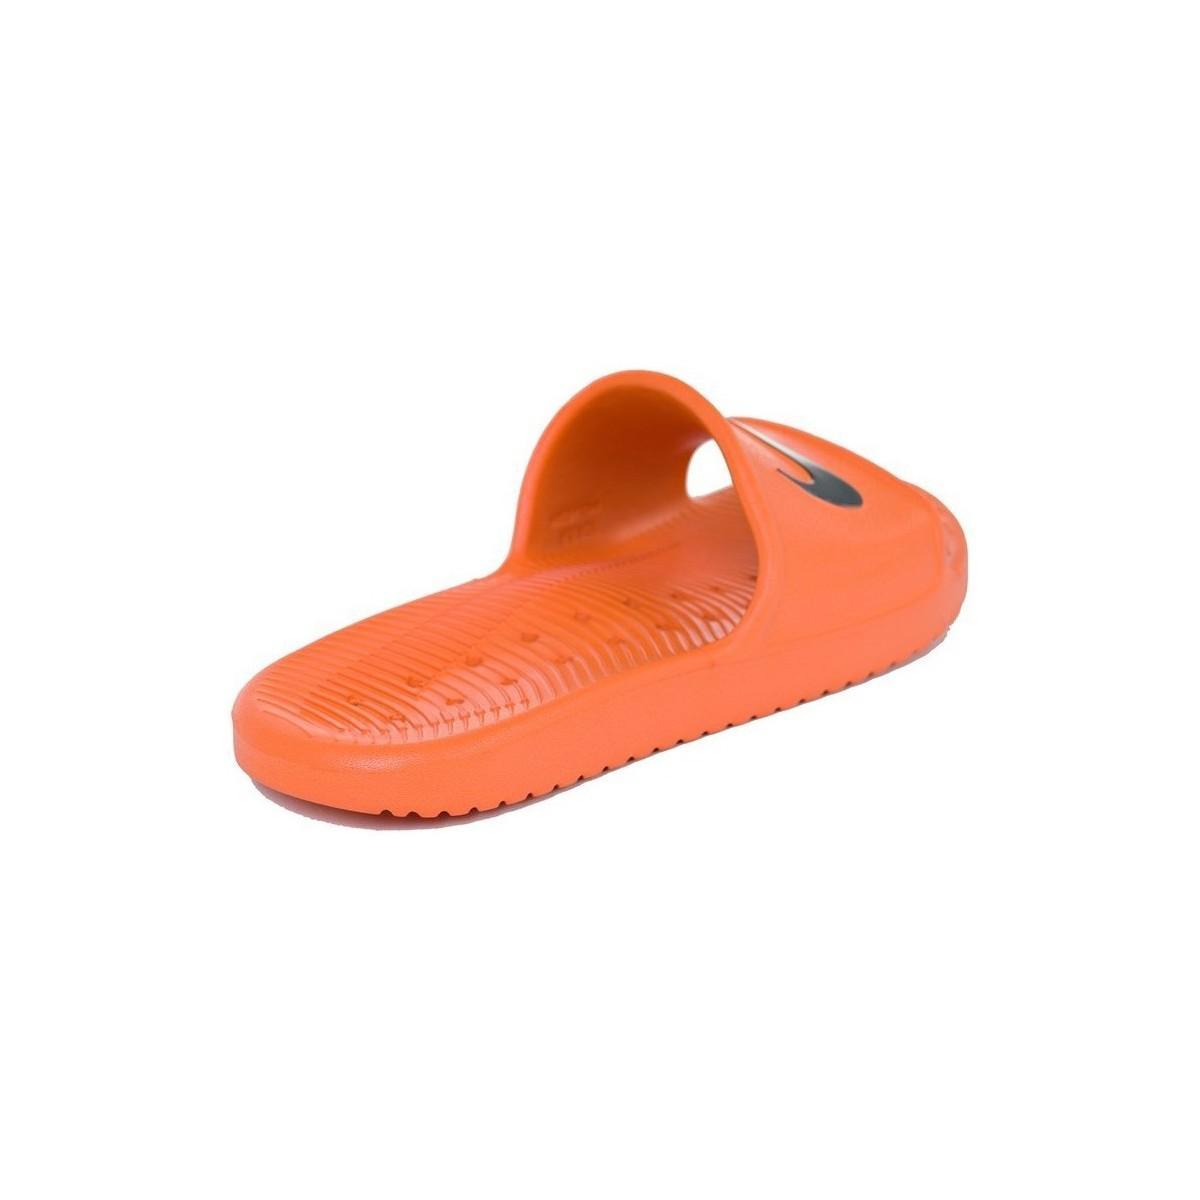 069bdadb6b8162 Nike Kawa Men s Sandals In Orange in Orange for Men - Save ...